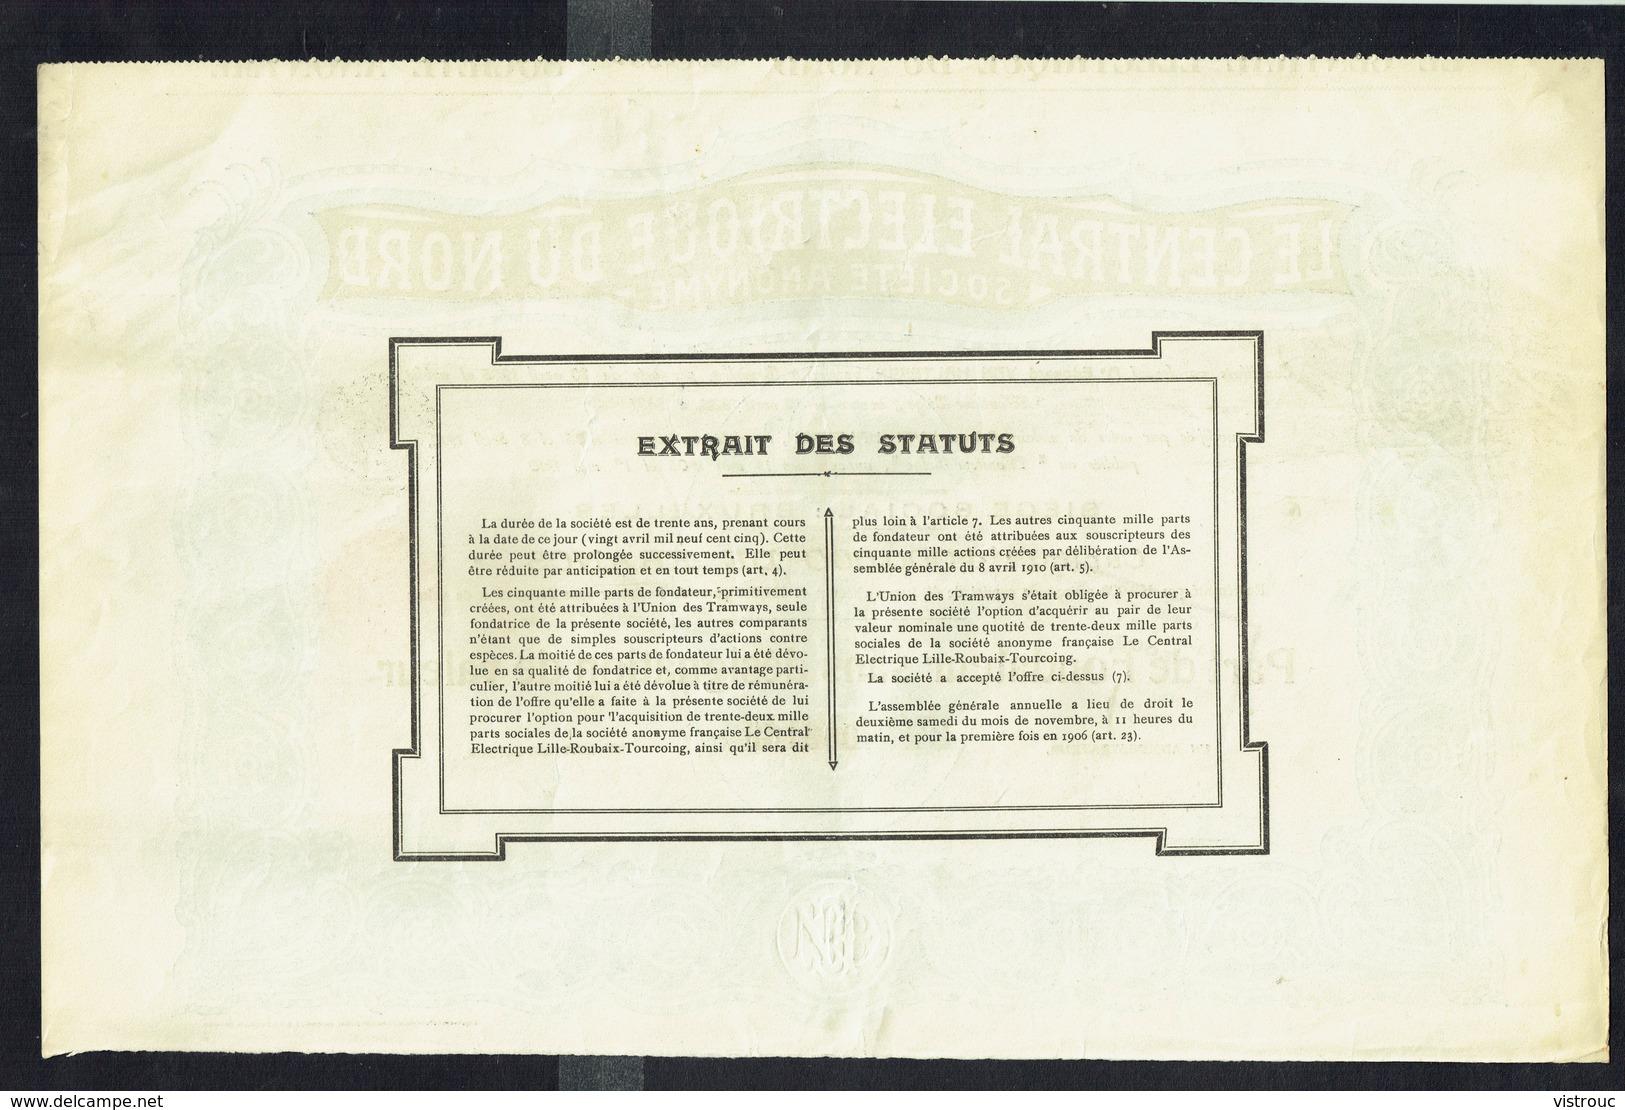 Le CENTRAL ELECTRIQUE DU NORD S.A. - Part De Fondateur - 1910. - Asie